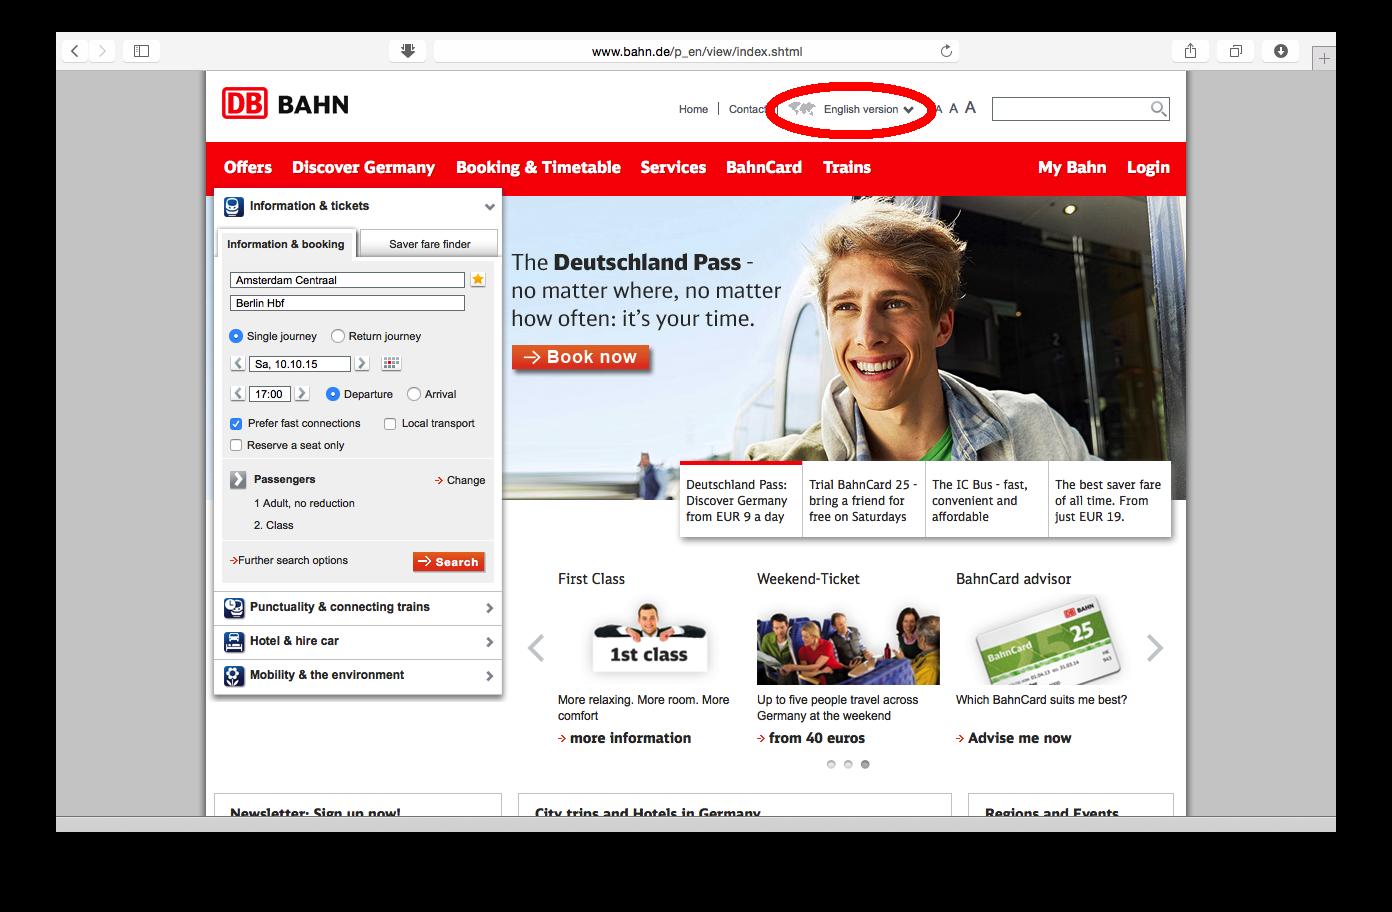 Tampilan web bahn.de